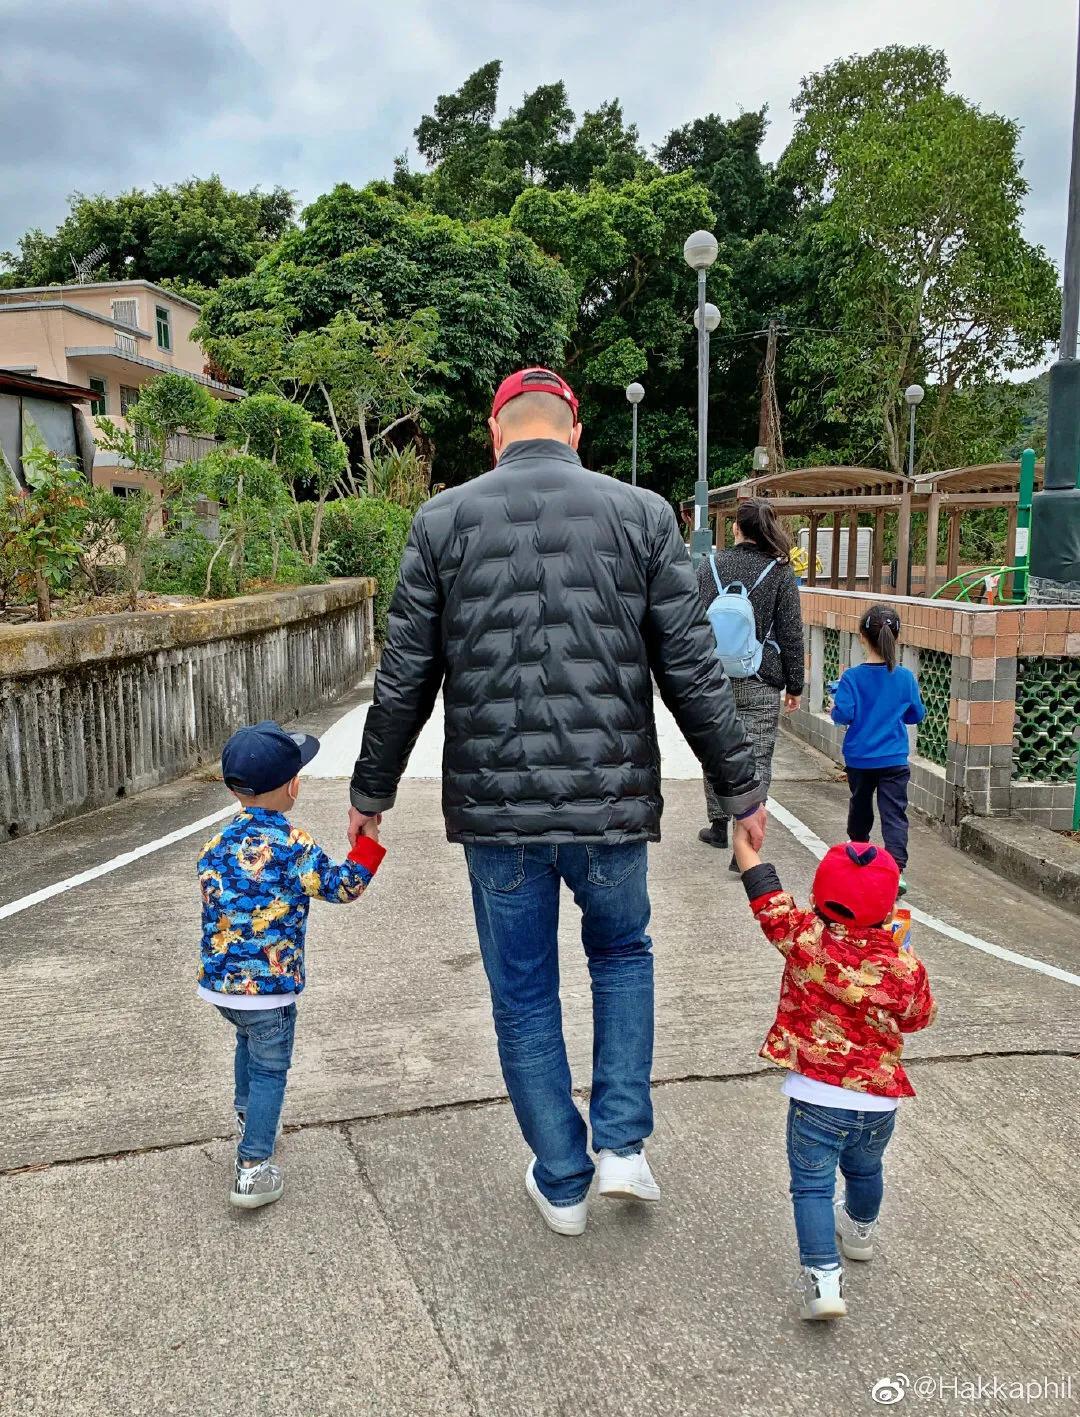 胡杏兒挺孕肚陪家人出遊,互動溫馨有愛,李乘德當車夫大展爸爸力